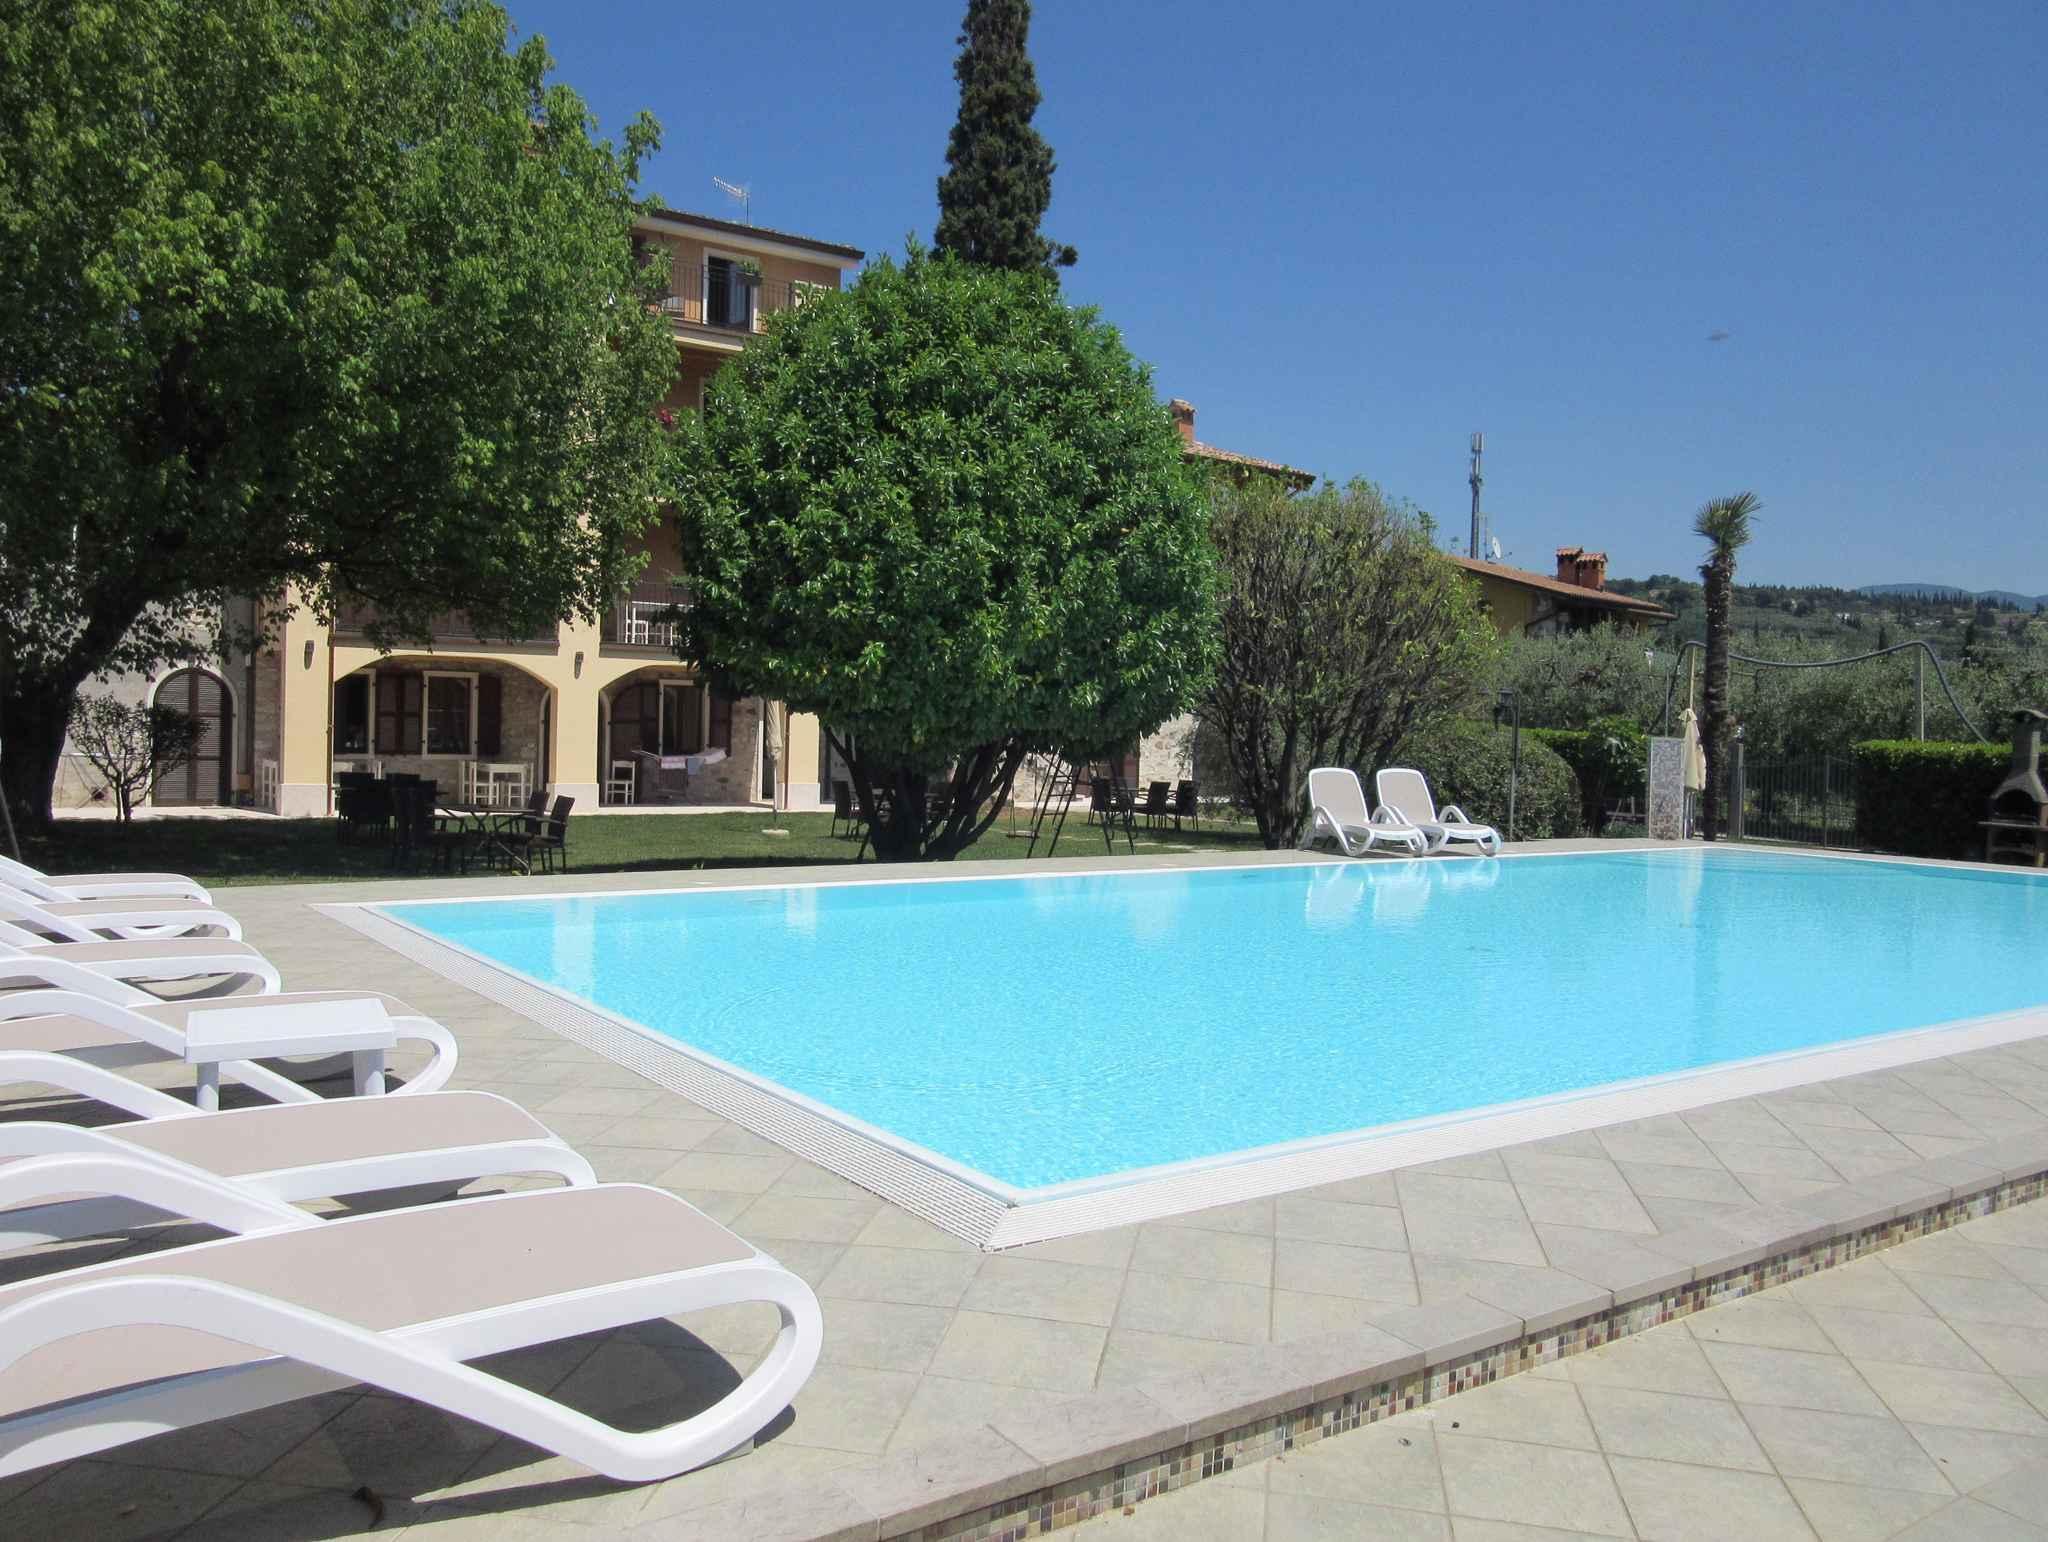 Ferienwohnung Residenz Rustico (279540), Garda, Gardasee, Venetien, Italien, Bild 13